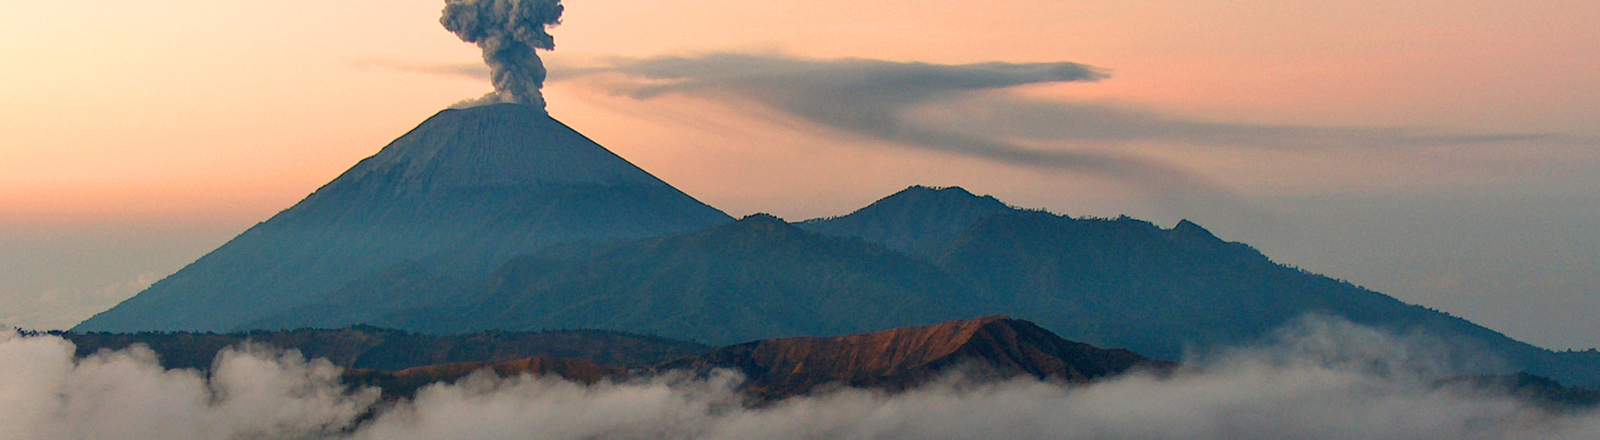 Aus einem Vulkan steigt Rauch auf.